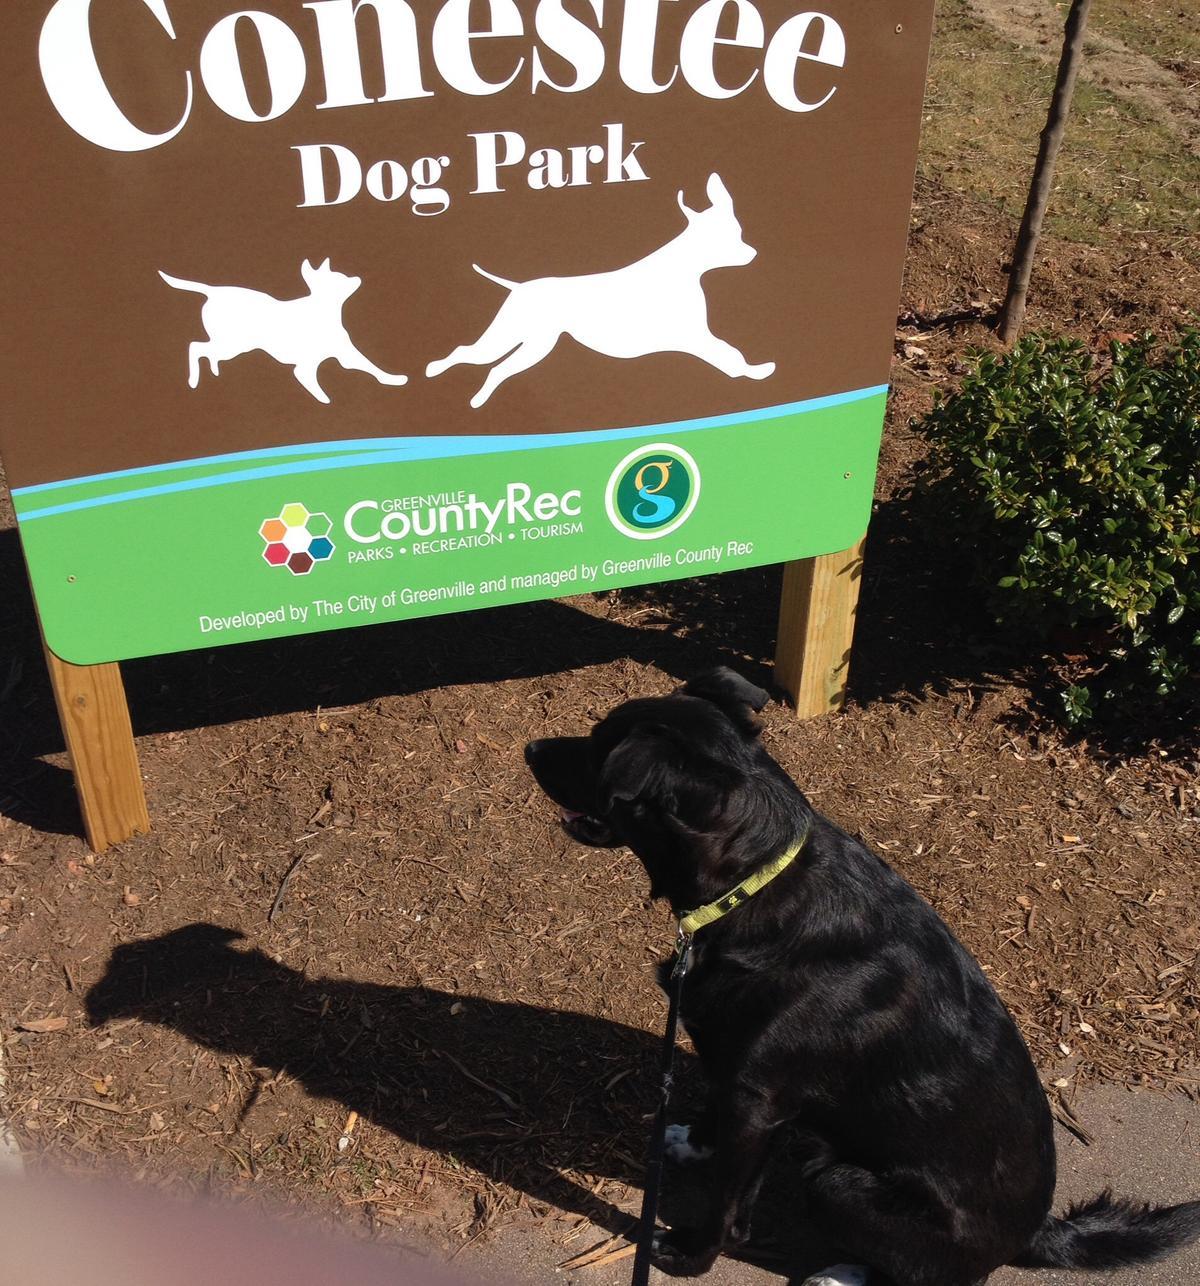 Conestee Dog Park